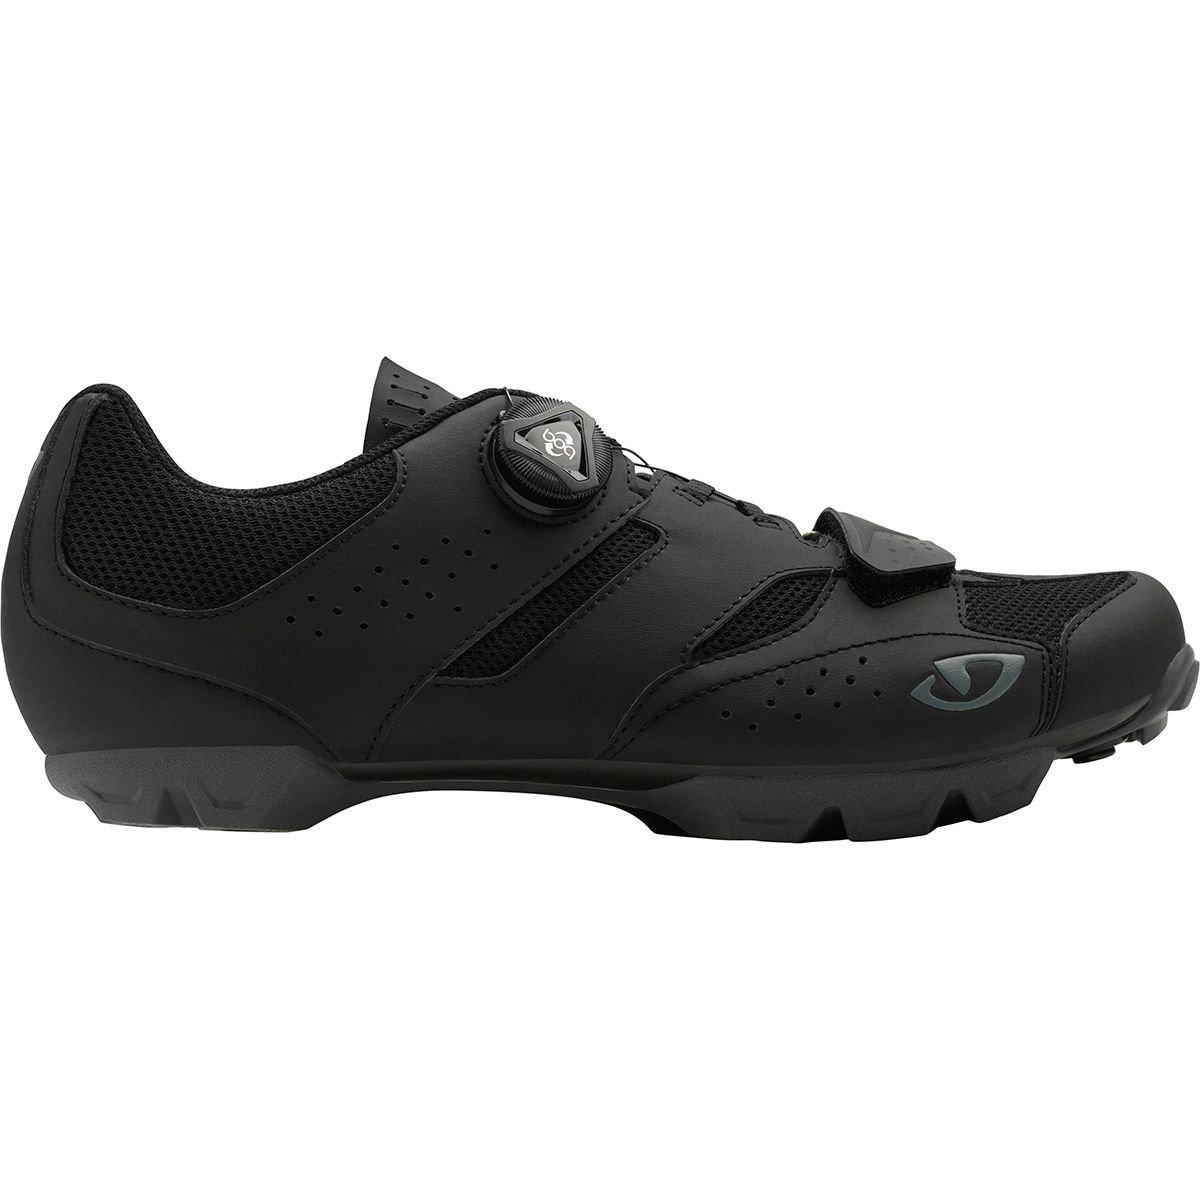 [ジロ] メンズ サイクリング Cylinder HV+ Cycling Shoe [並行輸入品] 39  B07FNBTHYJ